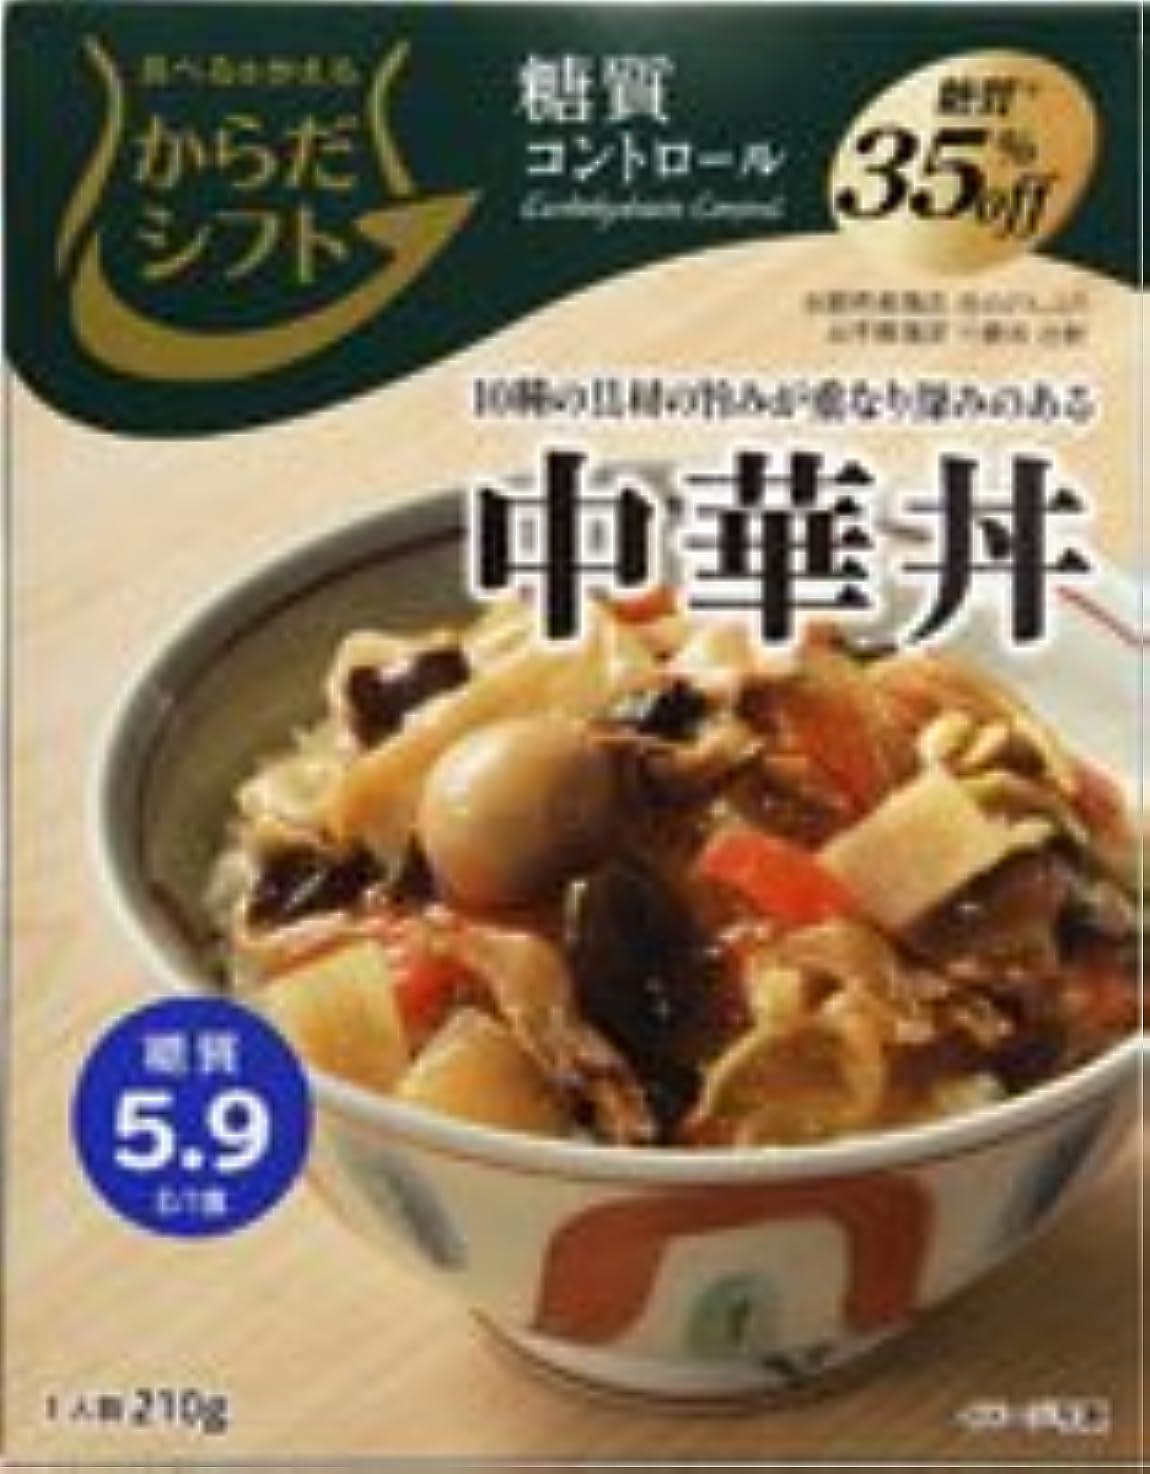 シーンエリートミリメーターからだシフト 糖質コントロール 中華丼210g【5個セット】